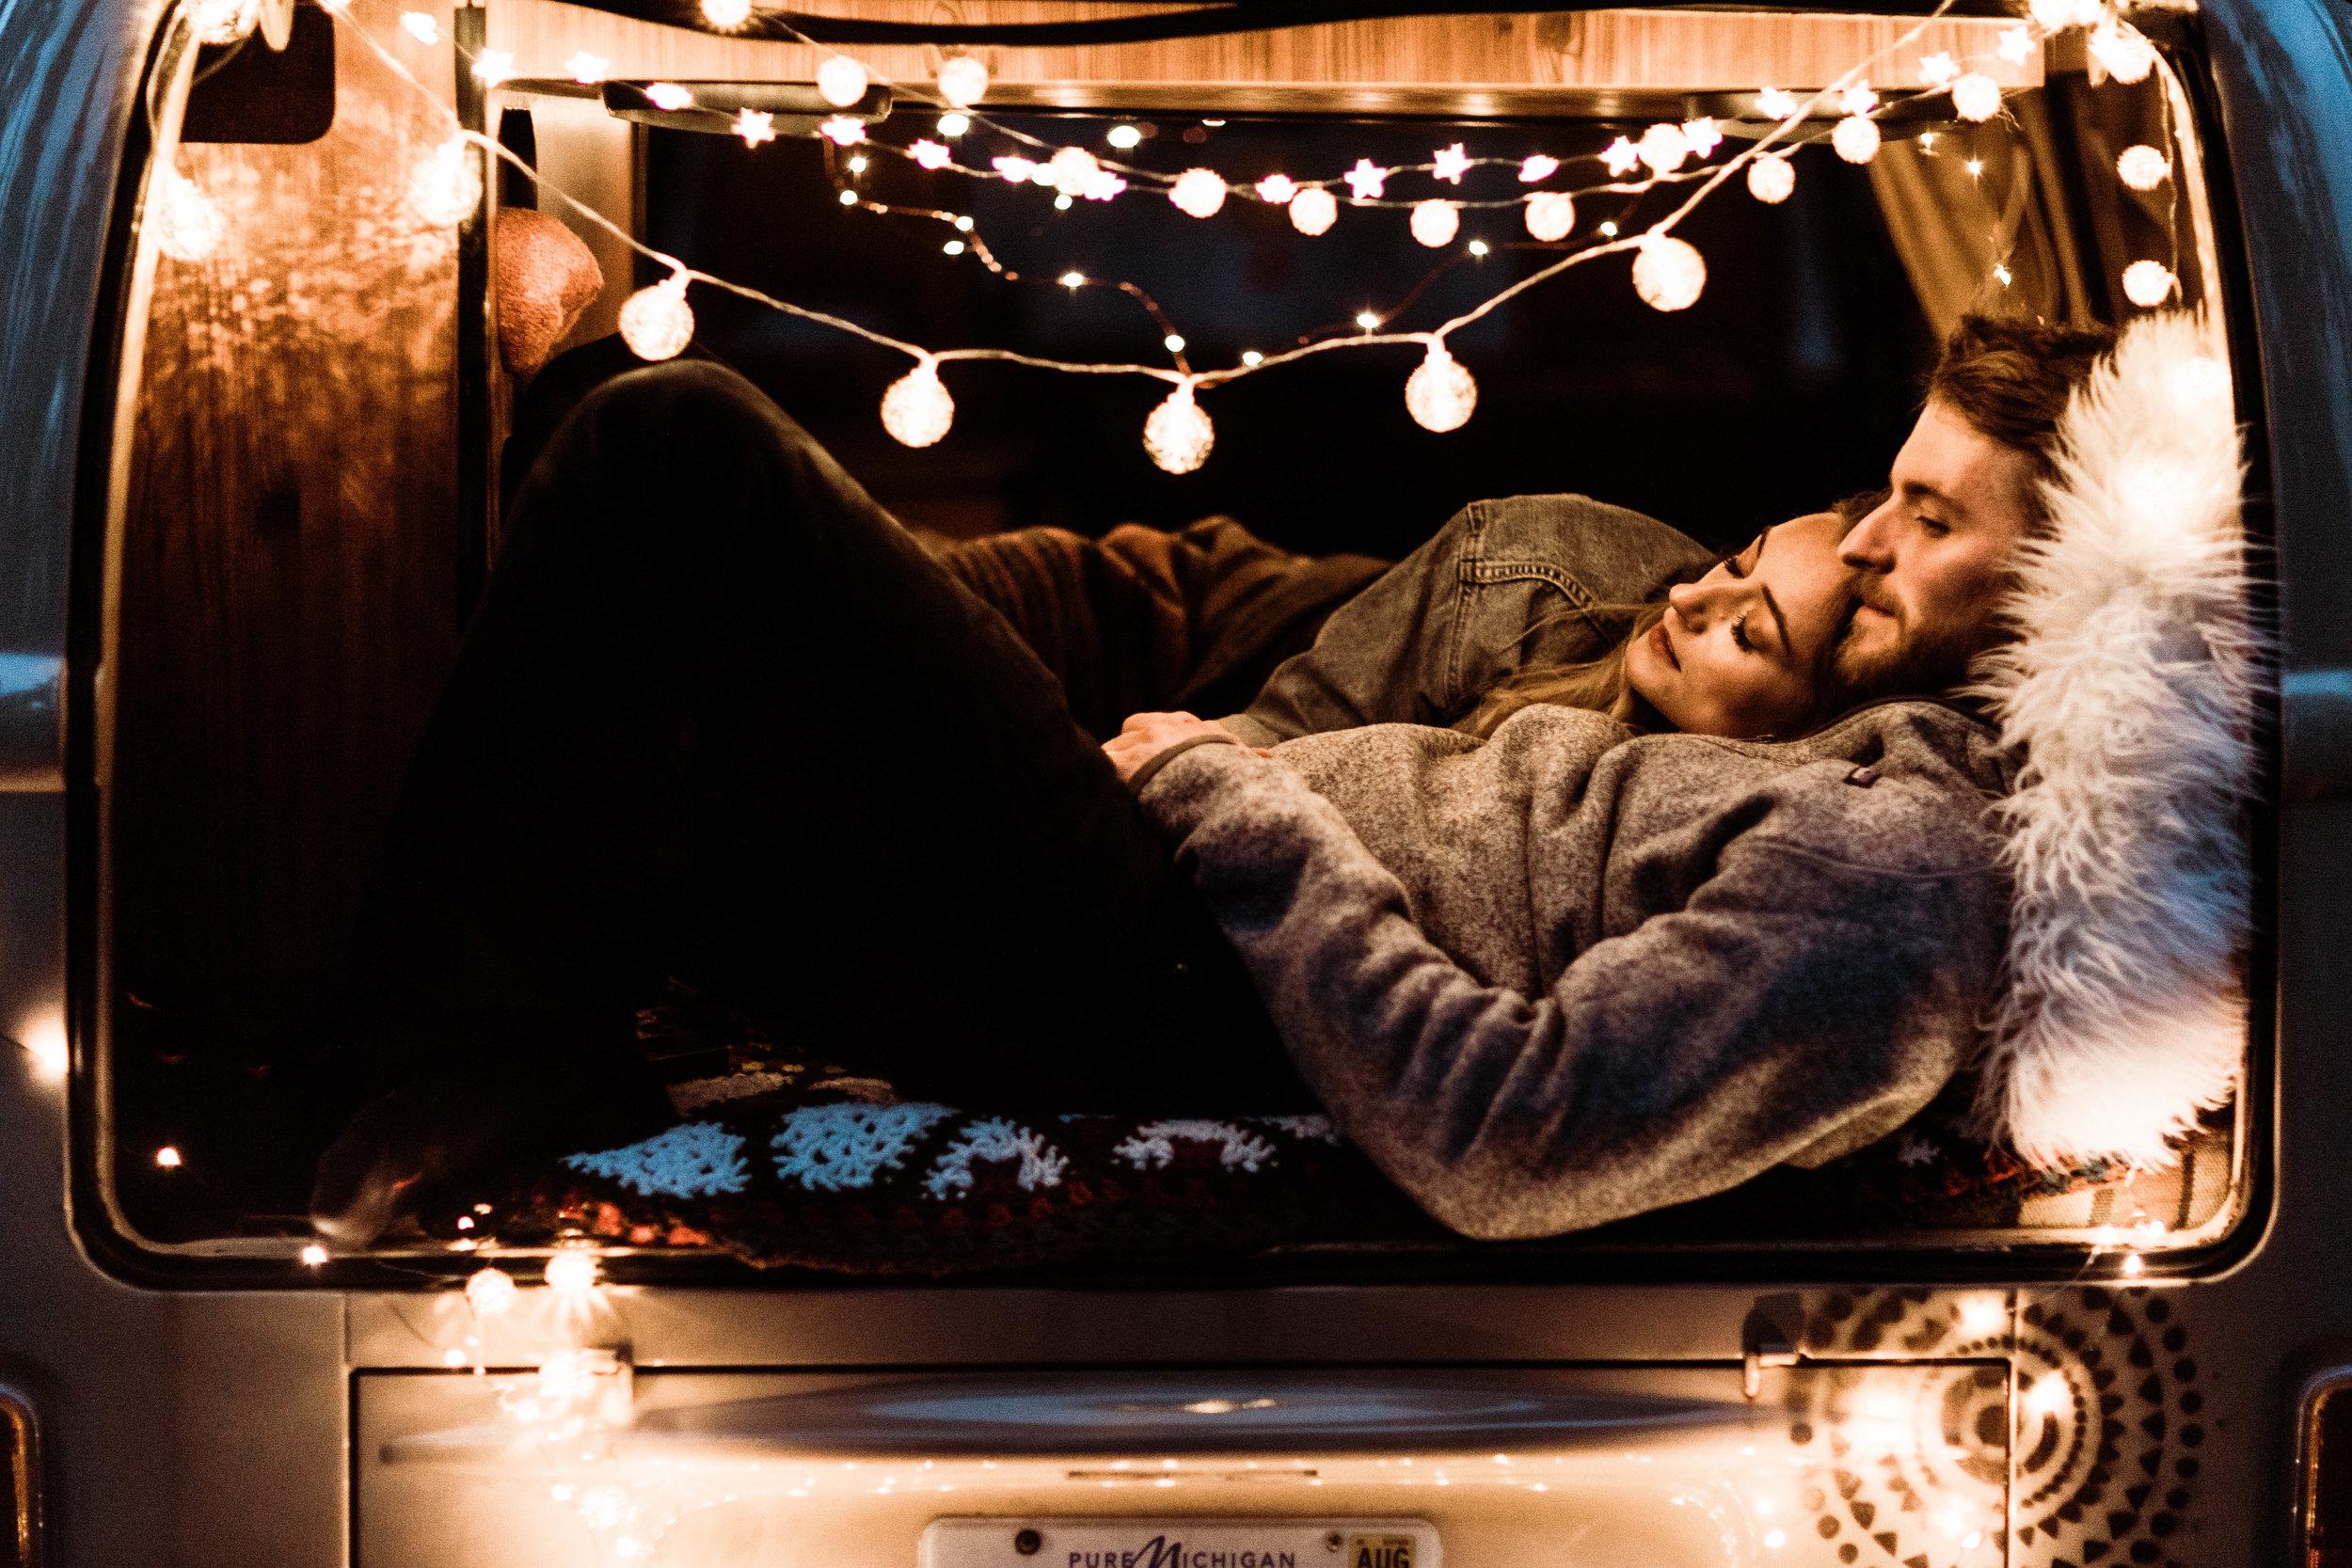 post elopement couples photos inside a vintage camper van | Rocky Mountain Colorado elopement photographers